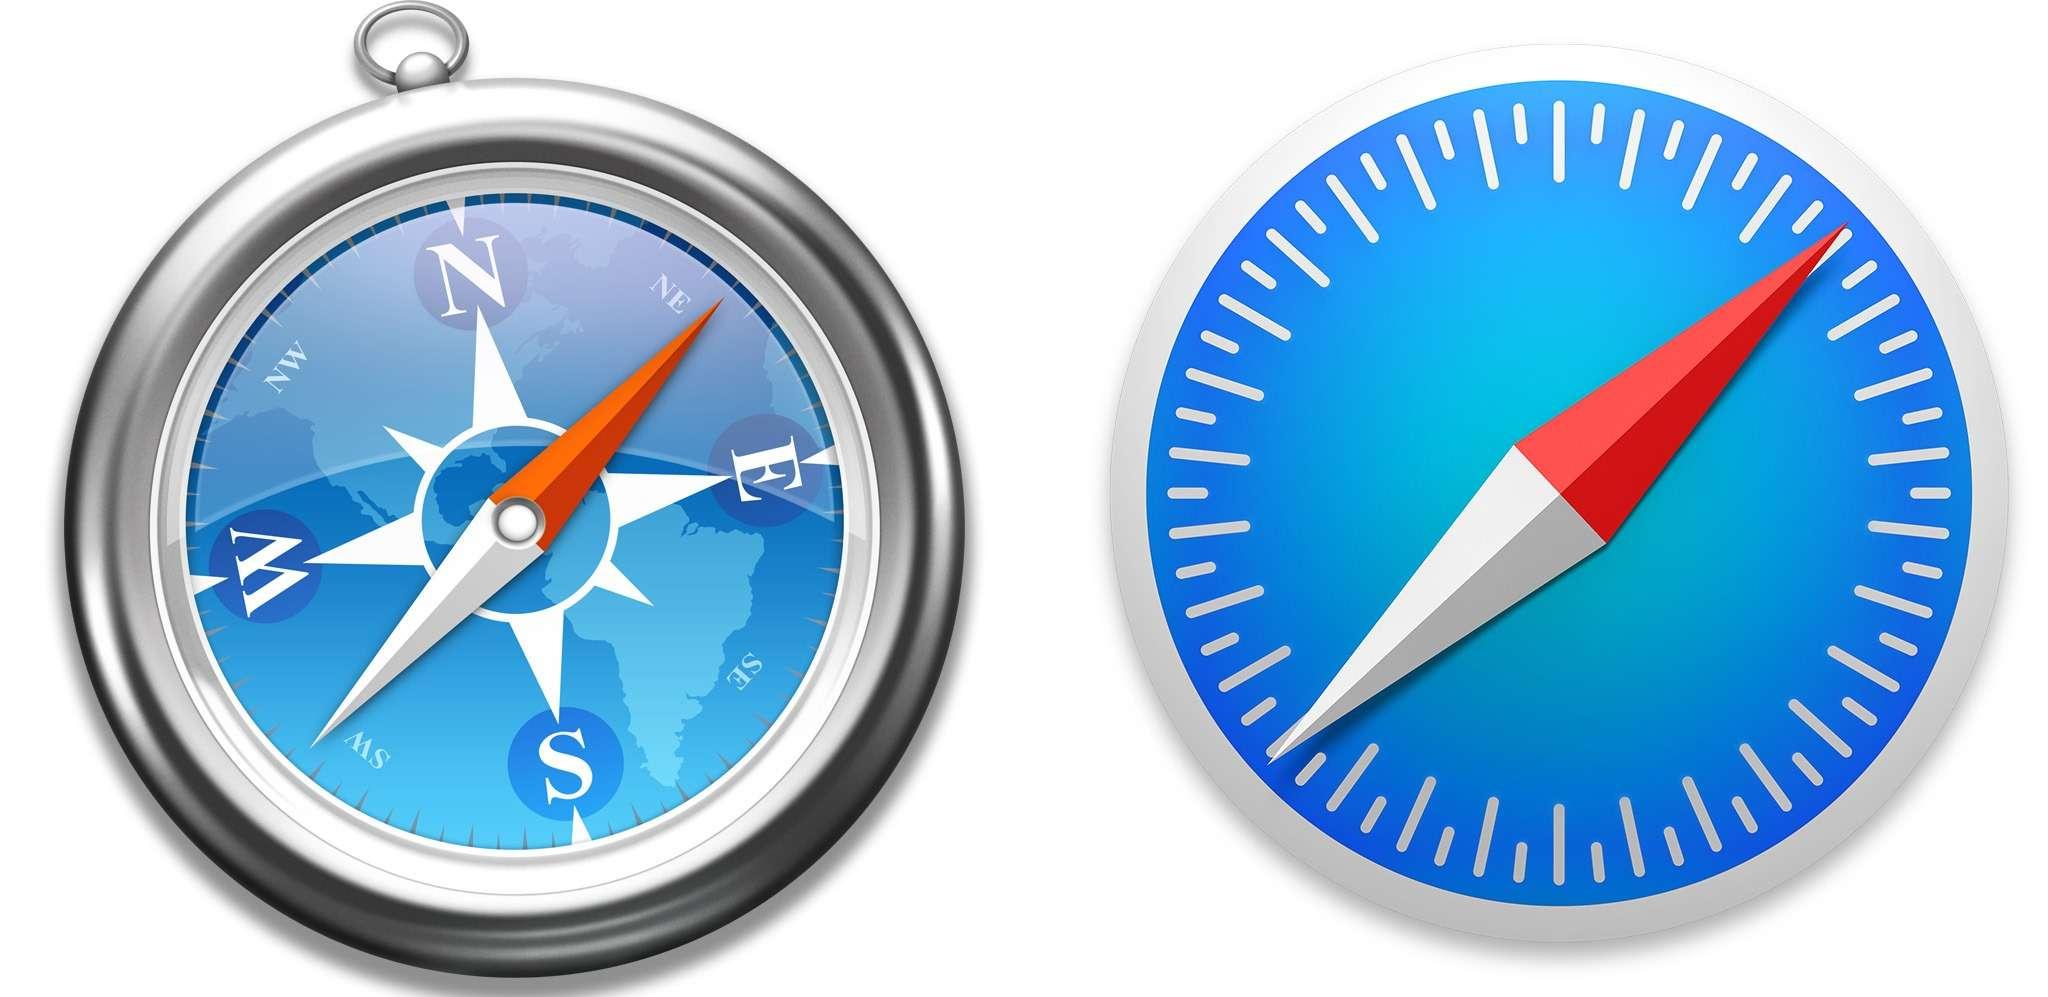 Який браузер краще? Вибираємо інтернет-оглядач під себе